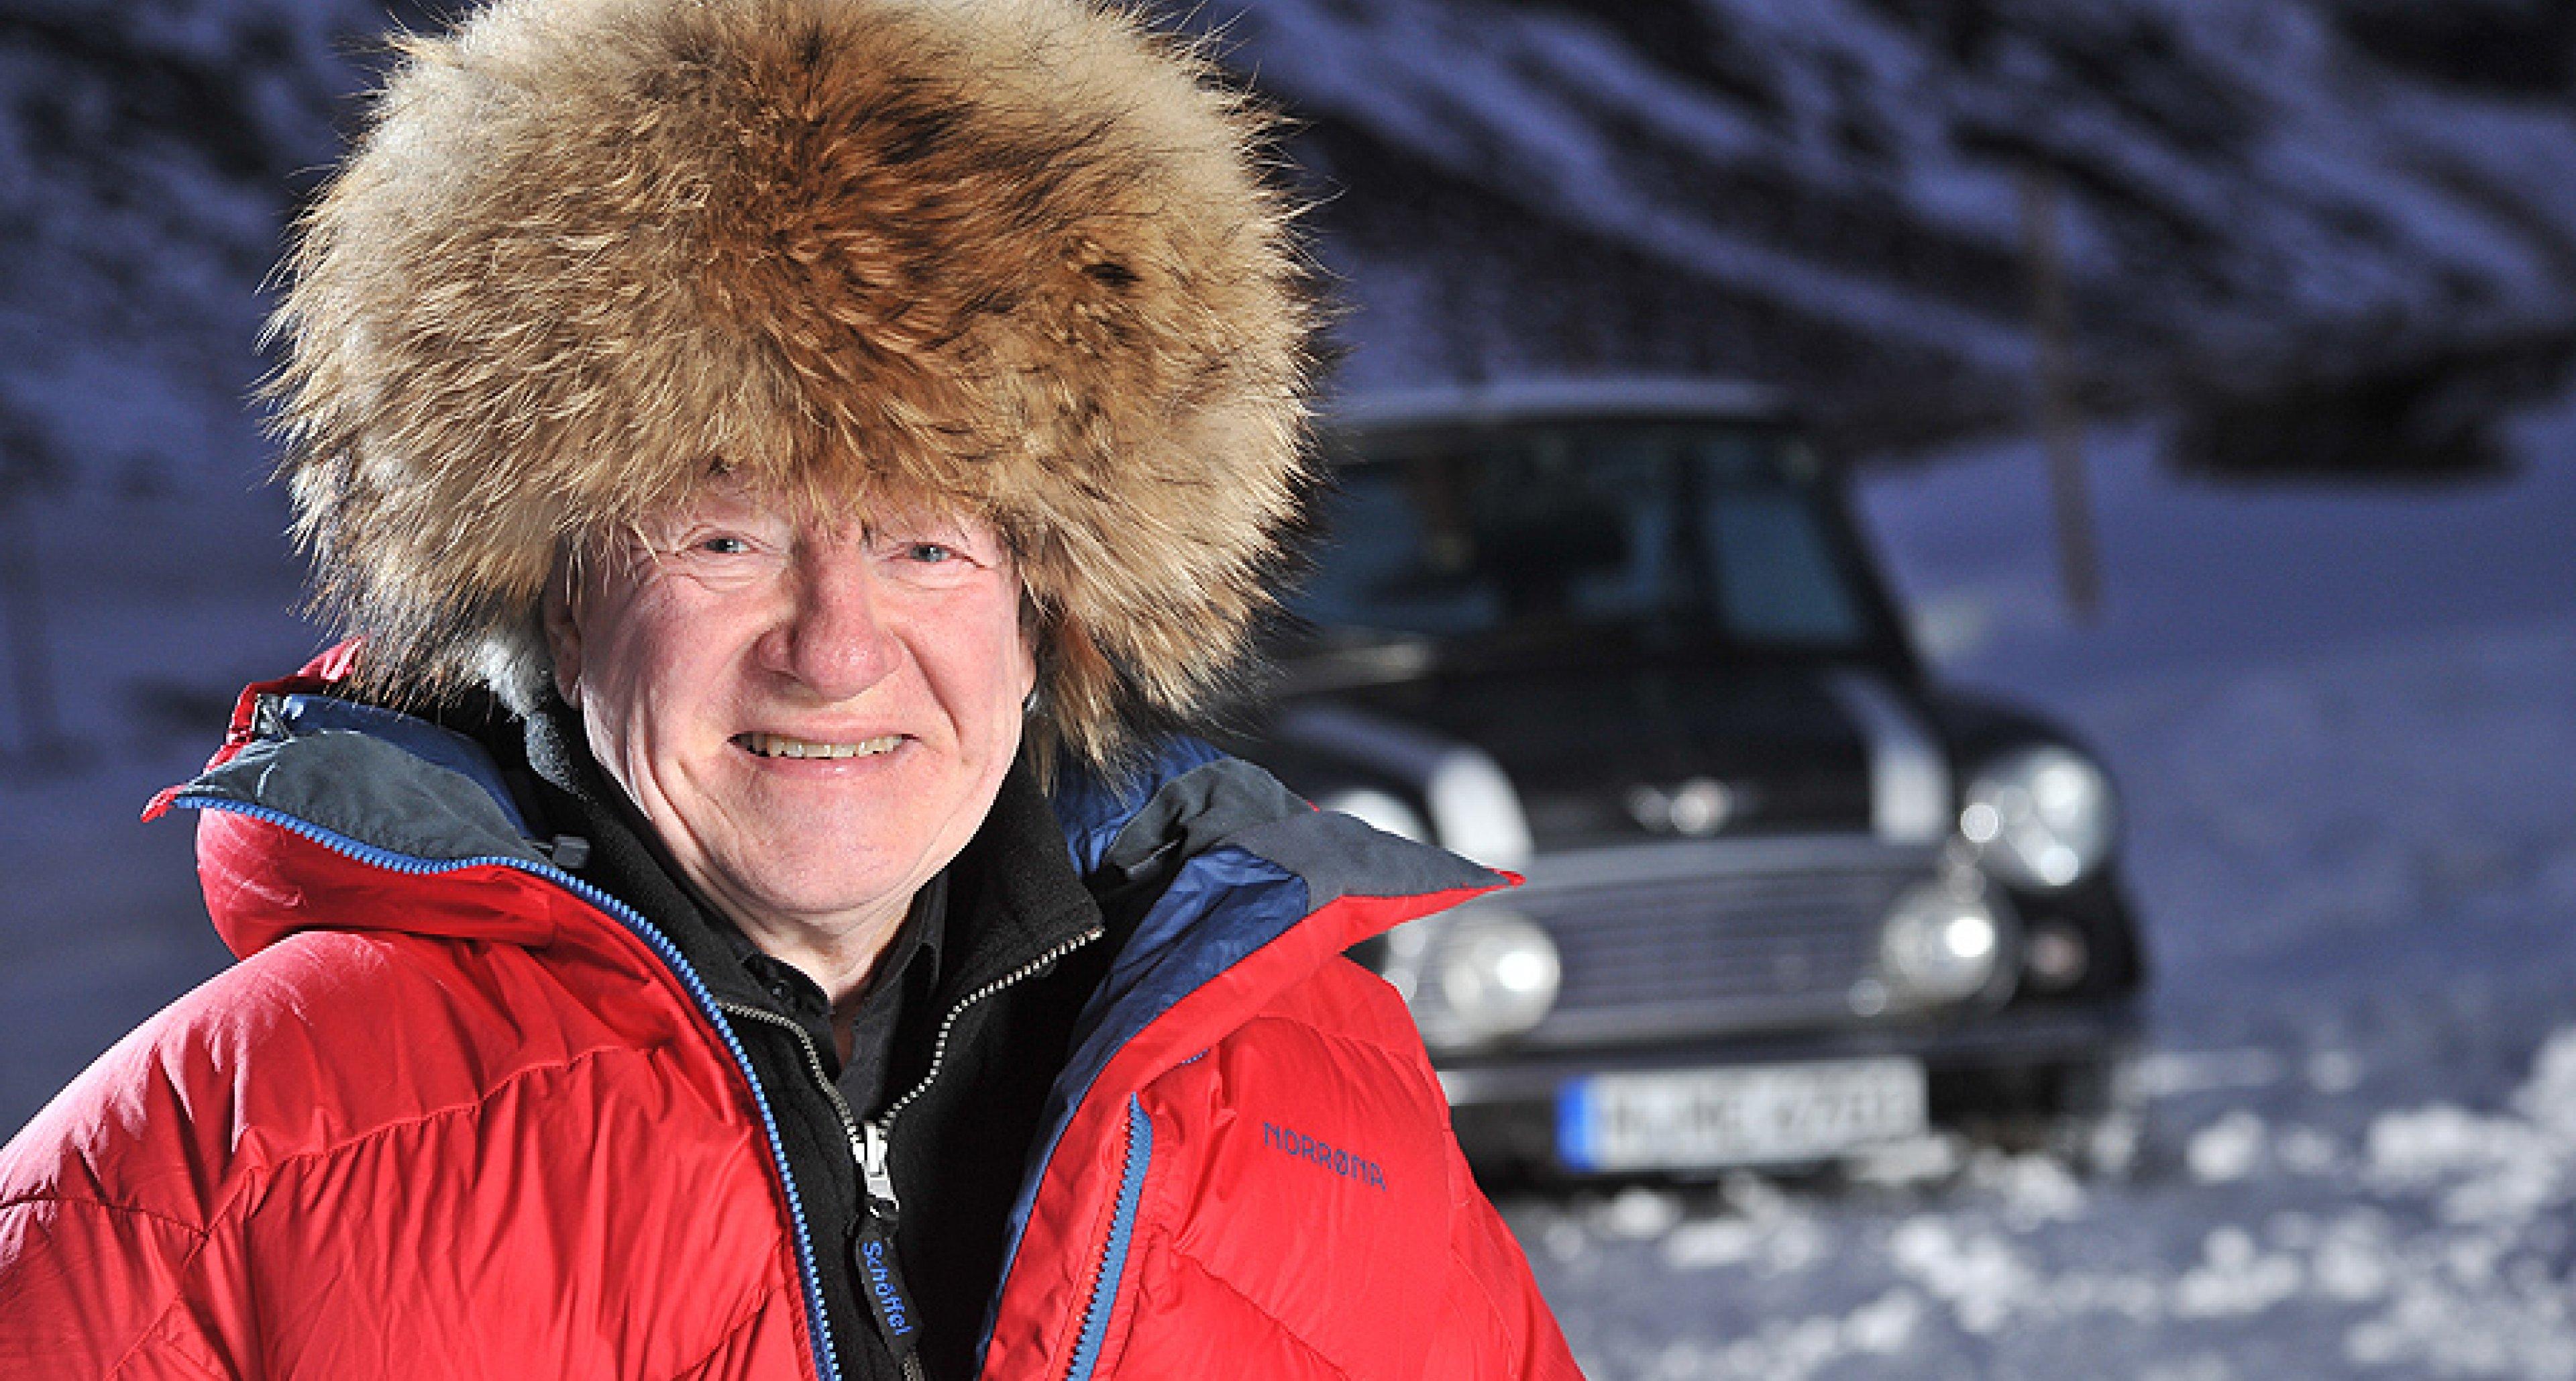 Zehn Fragen an: Rauno Aaltonen, Ren-Experte